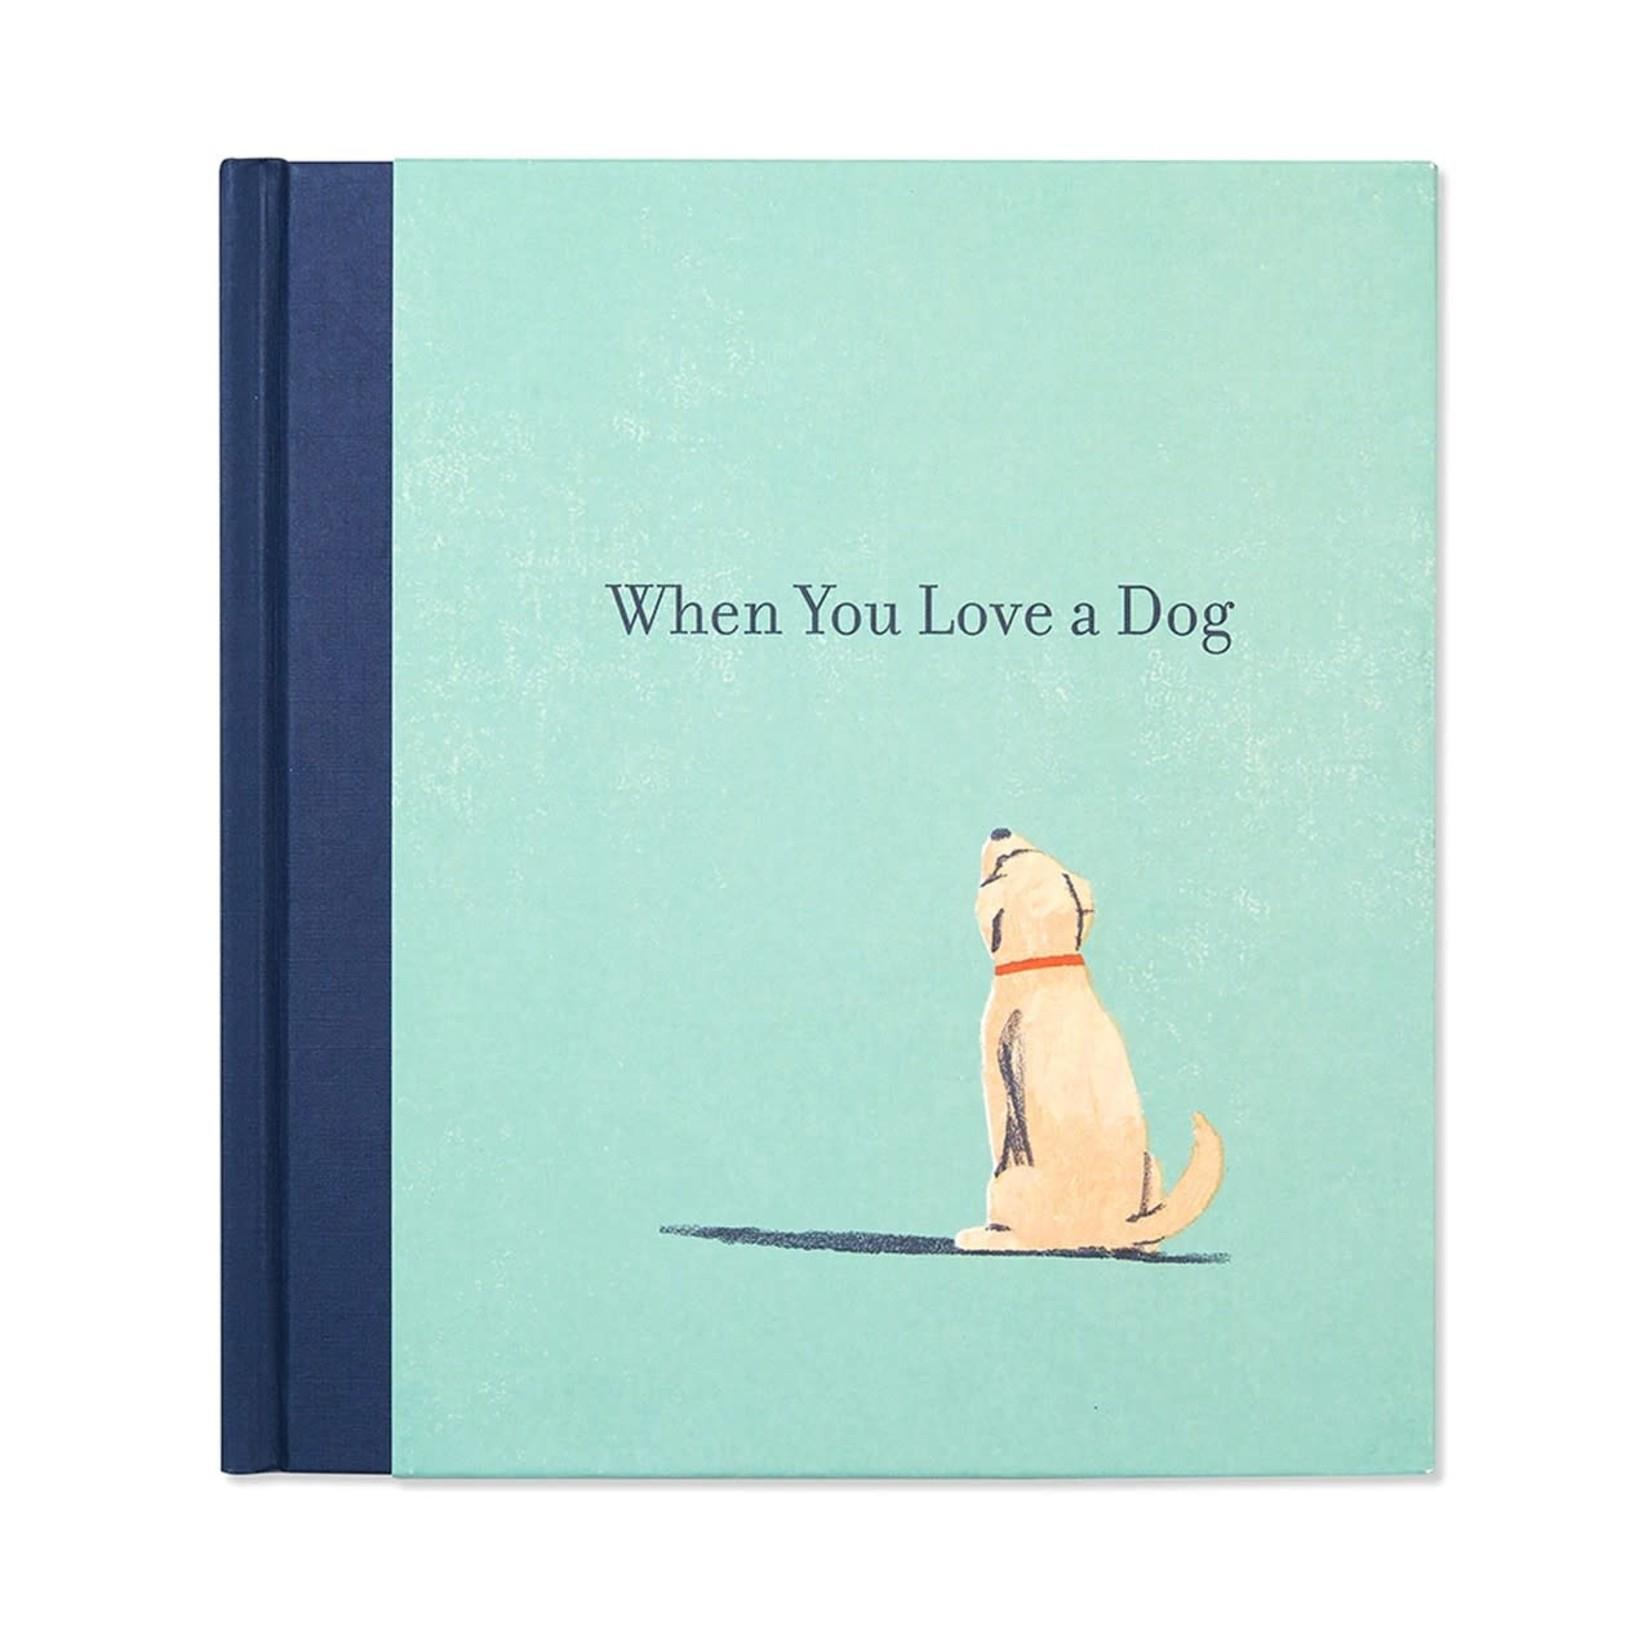 Compendium When You Love a Dog